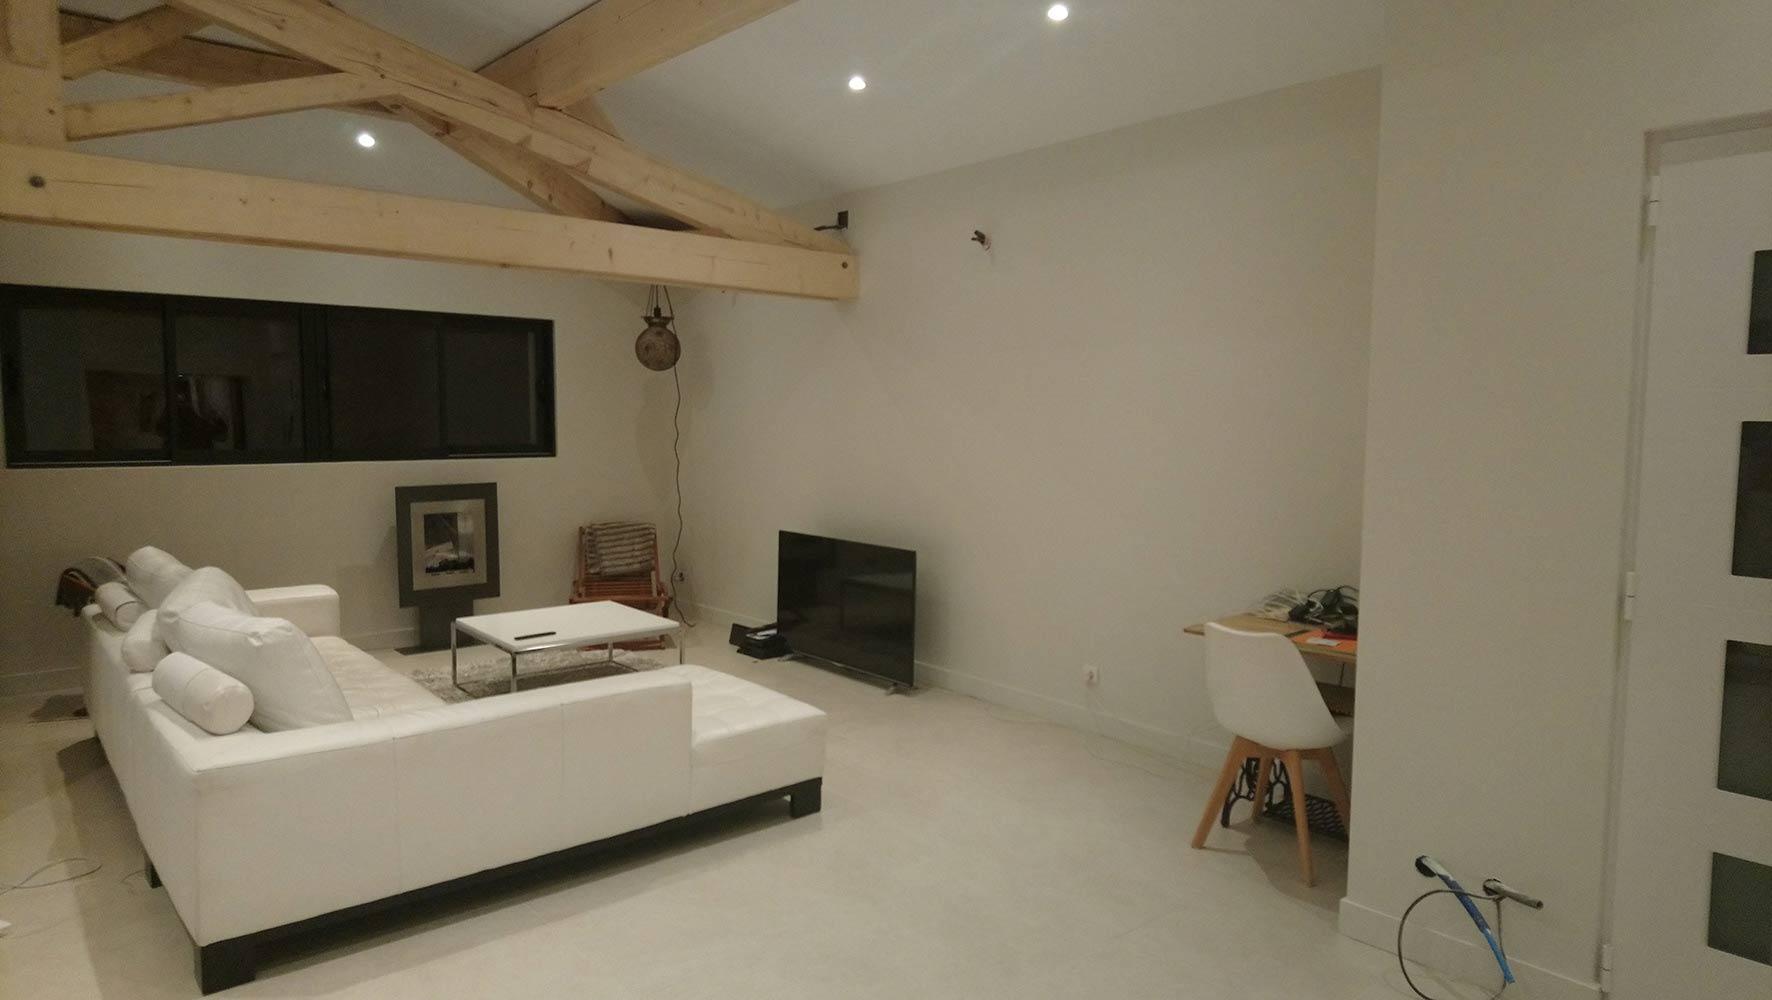 meuble entr e meuble tv guillaume coudert architecture d 39 int rieur. Black Bedroom Furniture Sets. Home Design Ideas